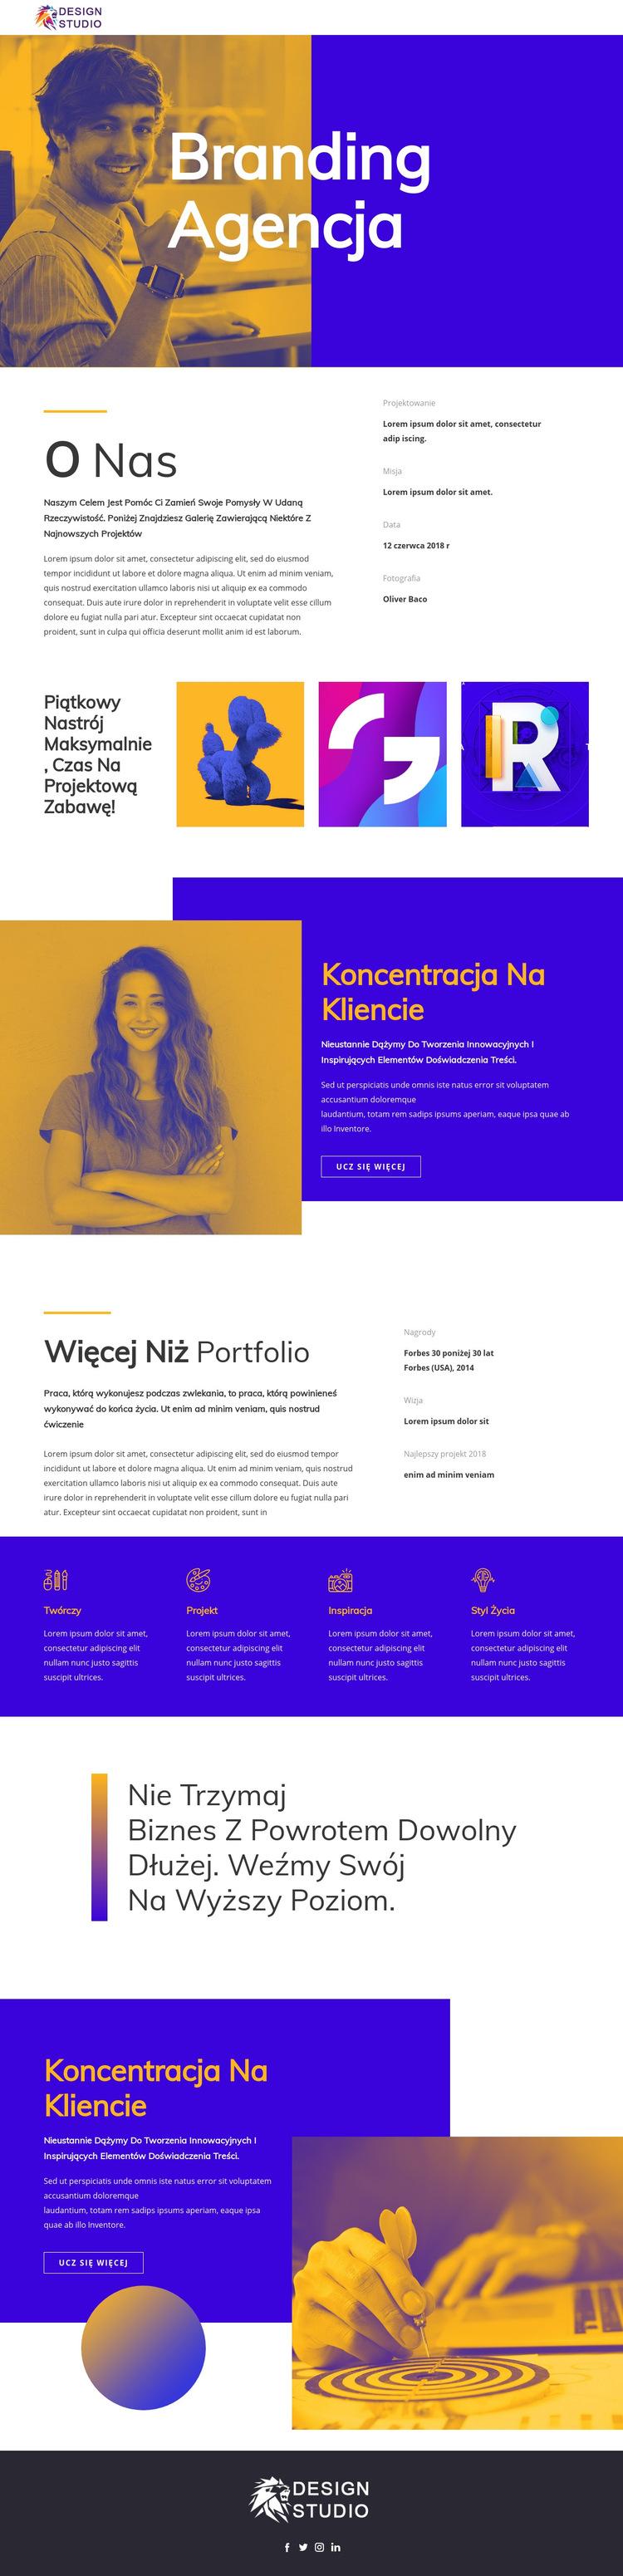 Agencja brandingowa dla startupów Szablon witryny sieci Web